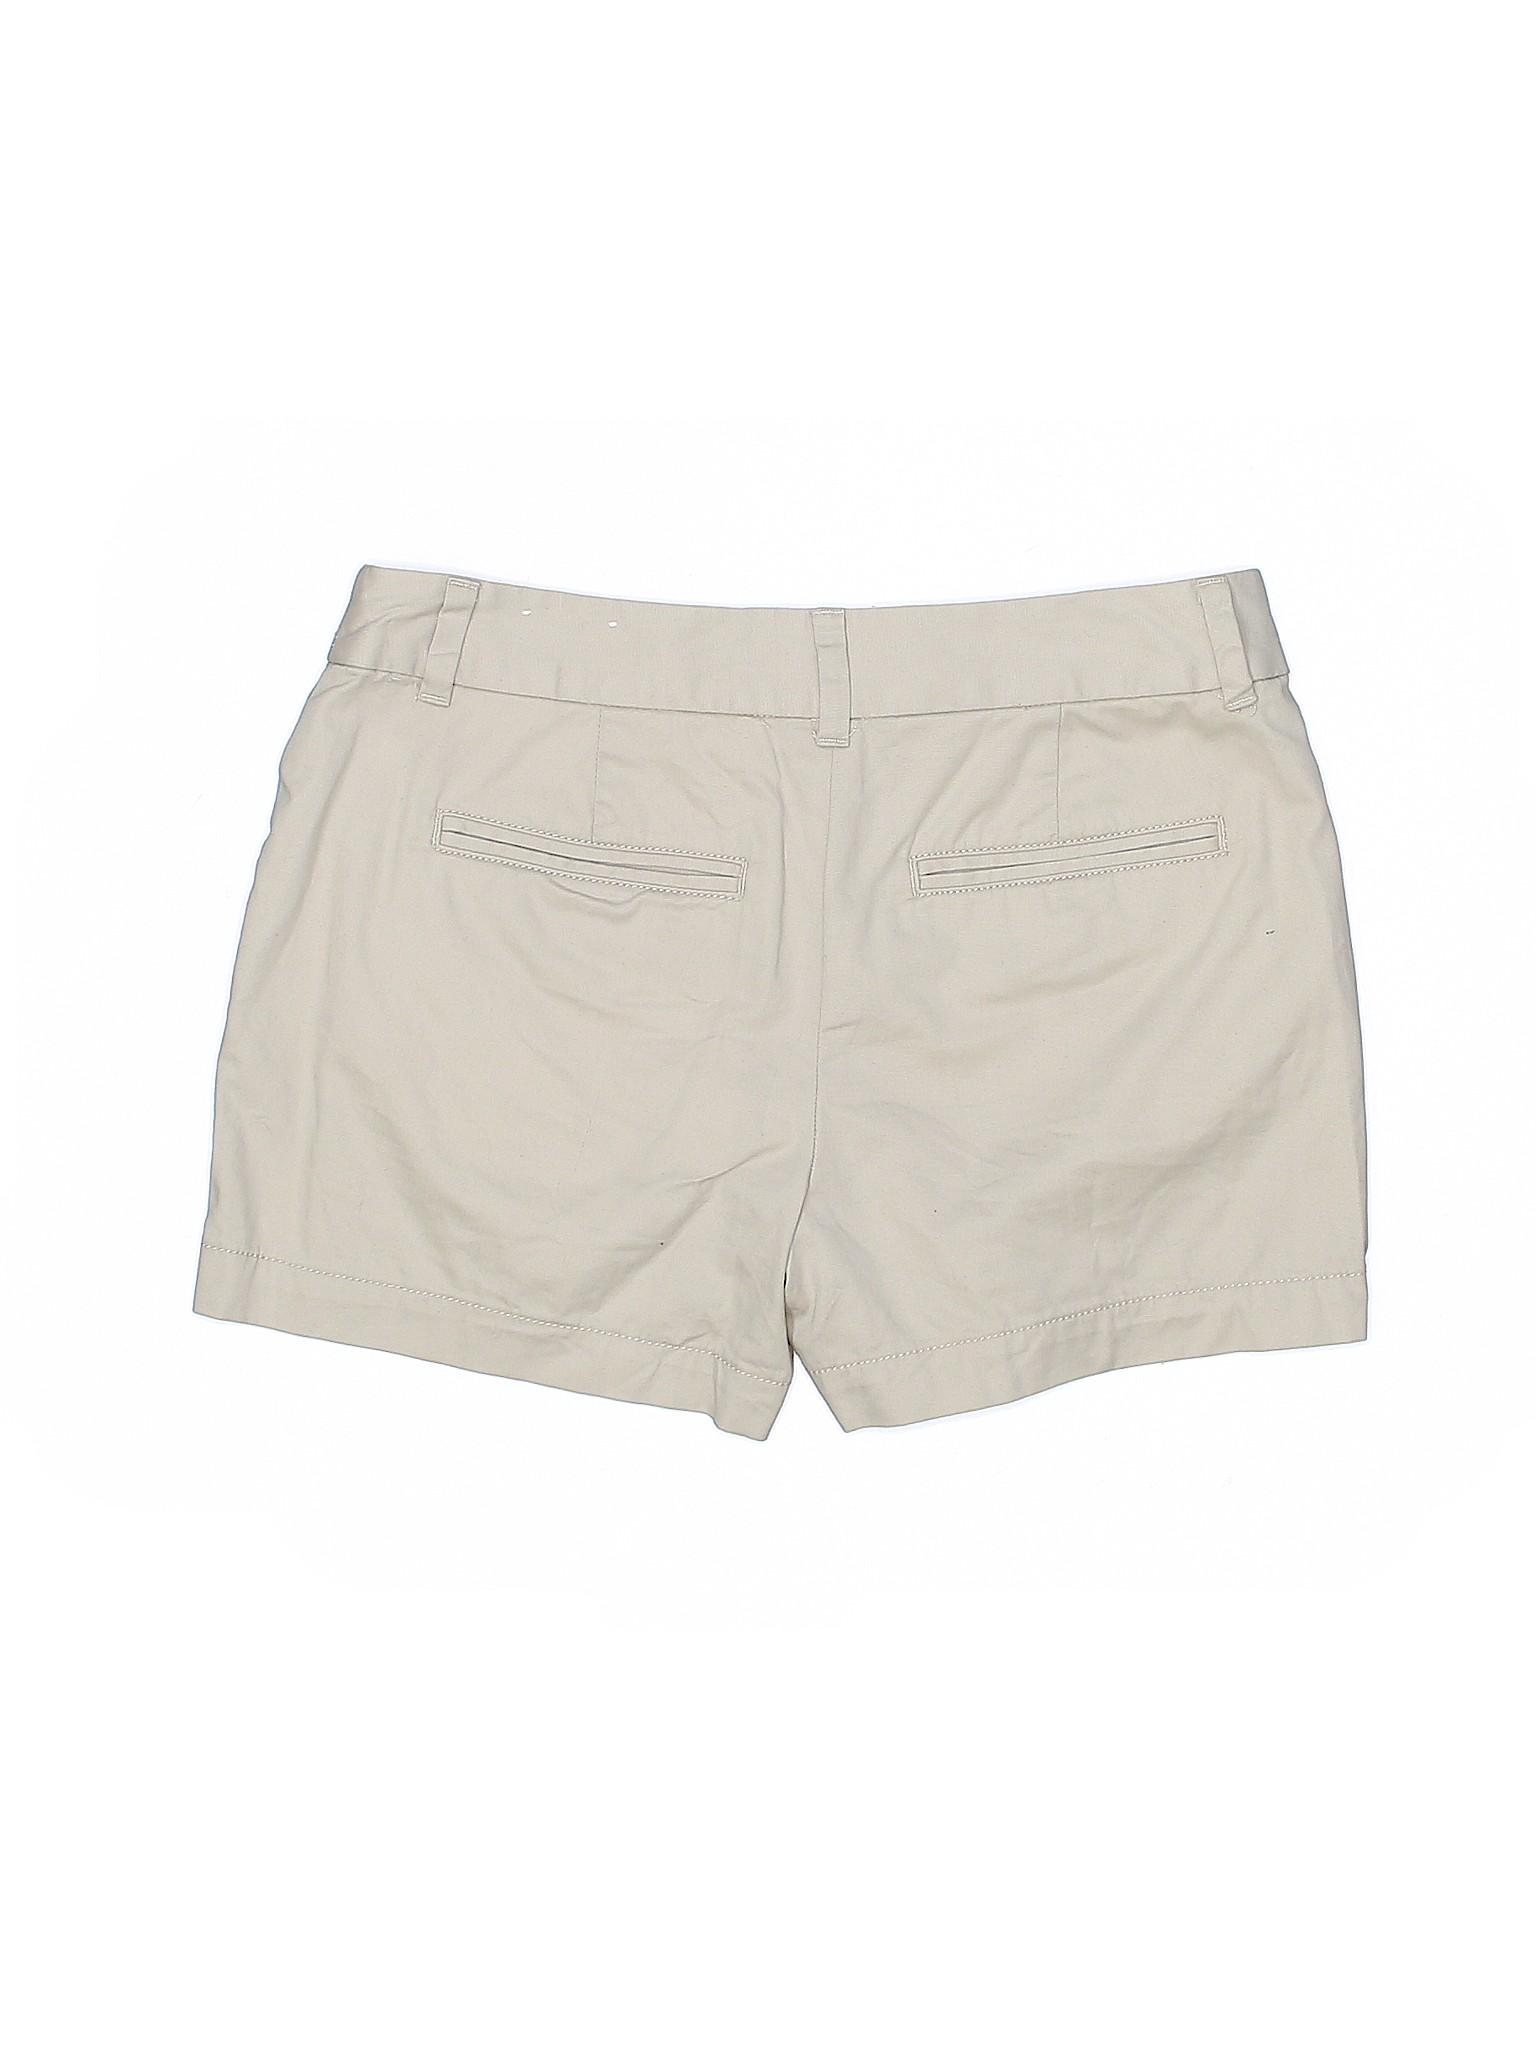 Shorts Ann Outlet Khaki LOFT Taylor Boutique a0qwdXX